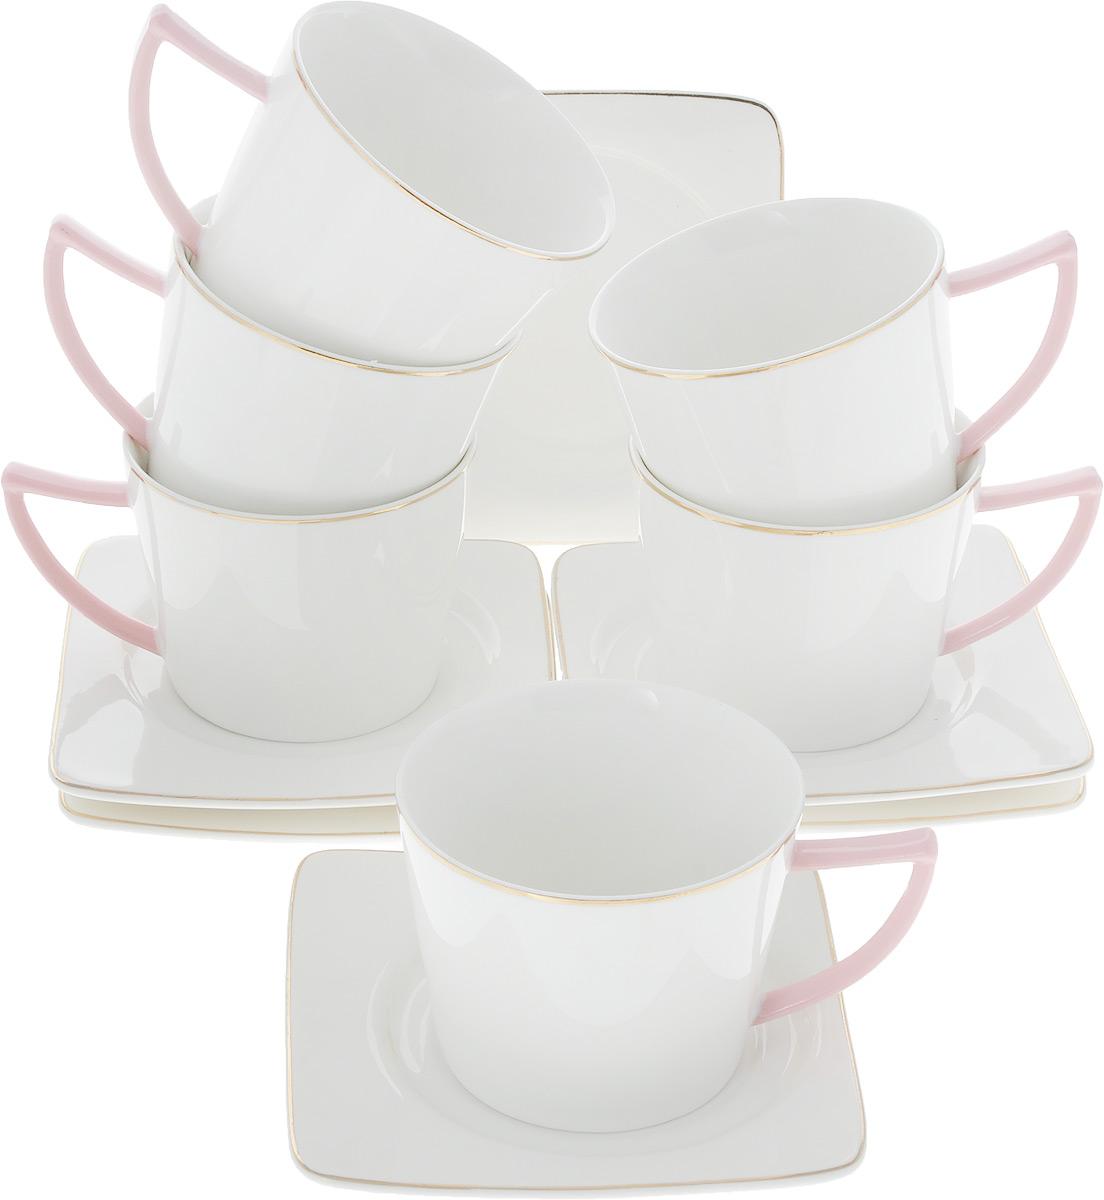 Сервиз чайный Loraine Нежность, 12 предметов. 26642115510Чайный сервиз Loraine на 6 персон выполнен из высококачественного костяного фарфора - материала, безопасного для здоровья и надолго сохраняющего тепло напитка. В наборе 6 чашек и 6 блюдец. Несмотря на свою внешнюю хрупкость, каждый из предметов набора обладает высокой прочностью и надежностью. Изделия украшены тонкой золотой каймой, ручки чашек выполнены в розовом цвете. Оригинальный дизайн сделает этот набор изысканным украшением любого стола. Набор упакован в подарочную коробку, поэтому его можно преподнести в качестве оригинального и практичного подарка для родных и близких. Объем чашки: 220 мл. Диаметр чашки (по верхнему краю): 8,5 см. Высота чашки: 7 см. Размер блюдца: 12,5 х 12,5 см.